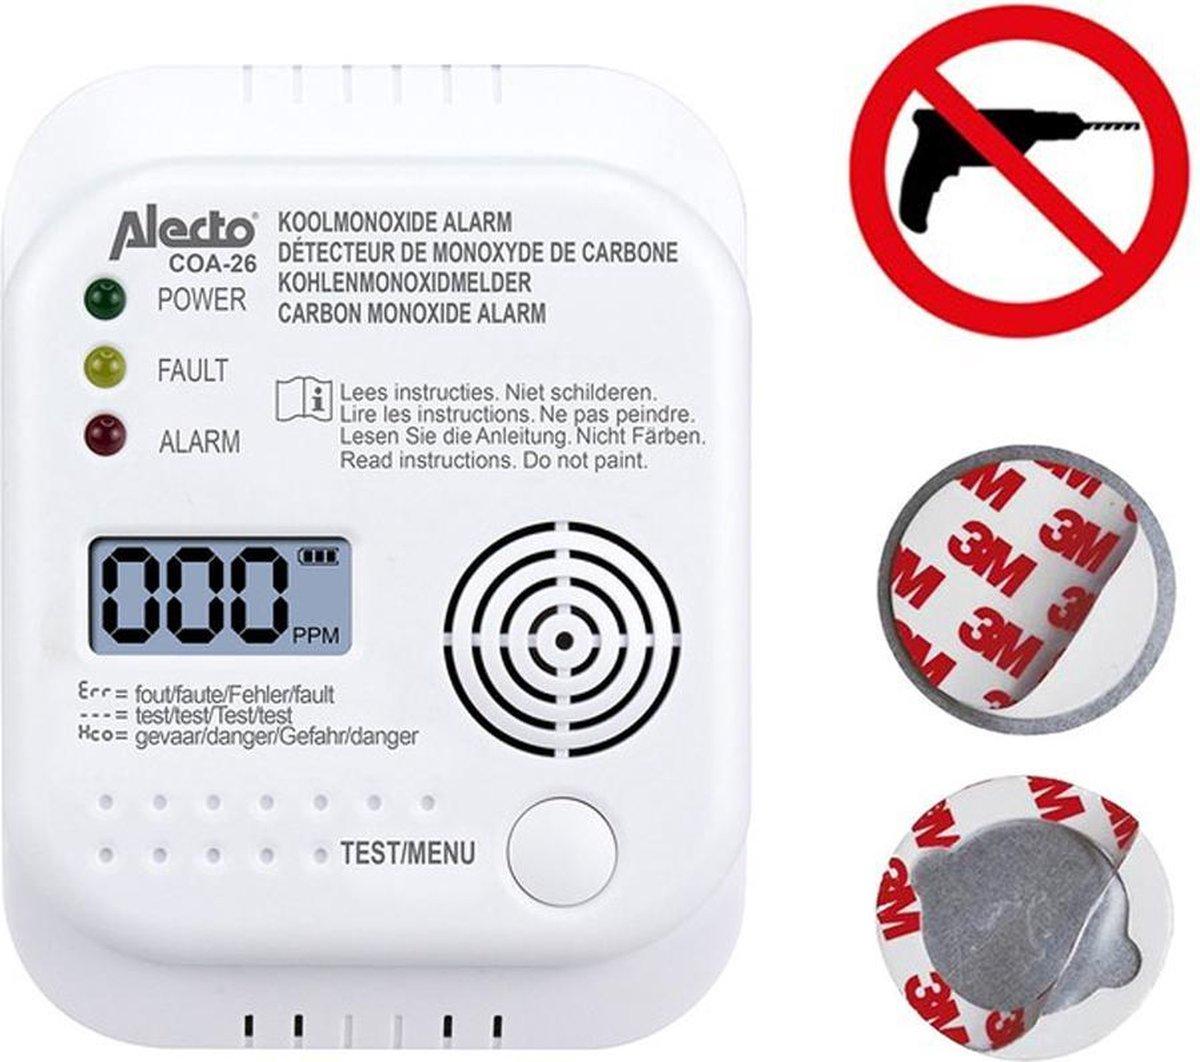 Alecto COA-26 Koolmonoxide melder - Met magnetische montageset - 7 jaar sensor - Geen gaten boren!